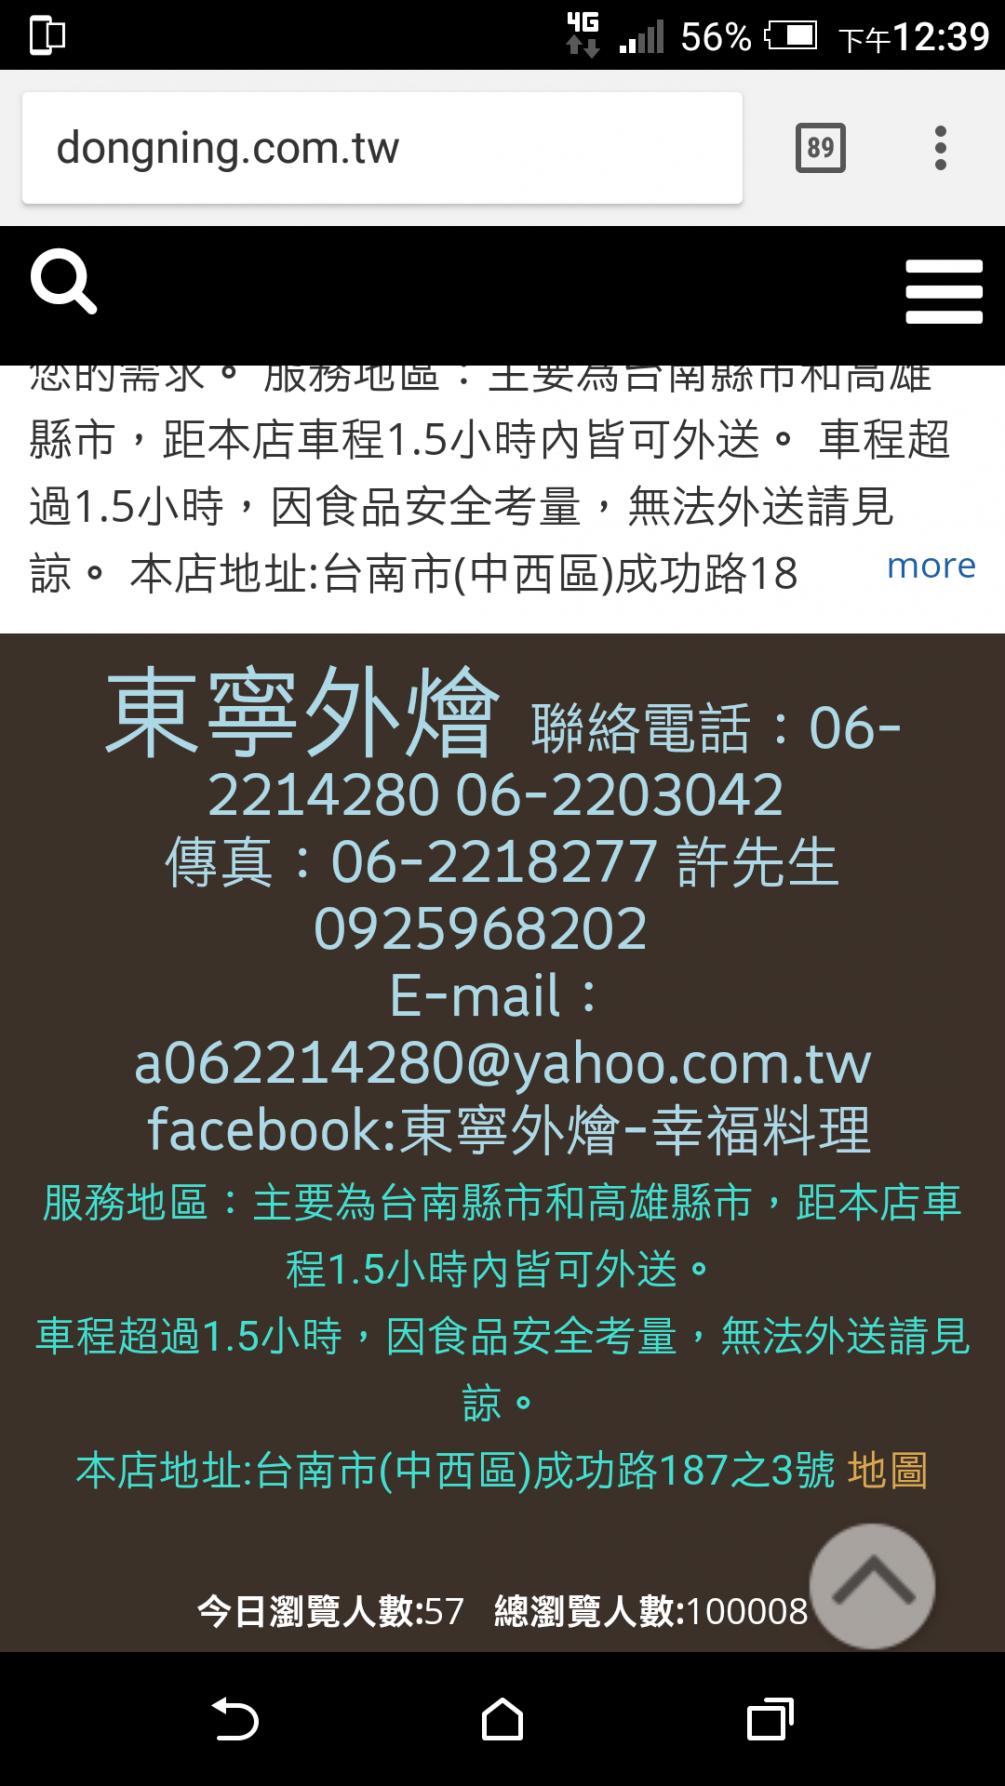 賀~官網瀏覽突破10萬人次